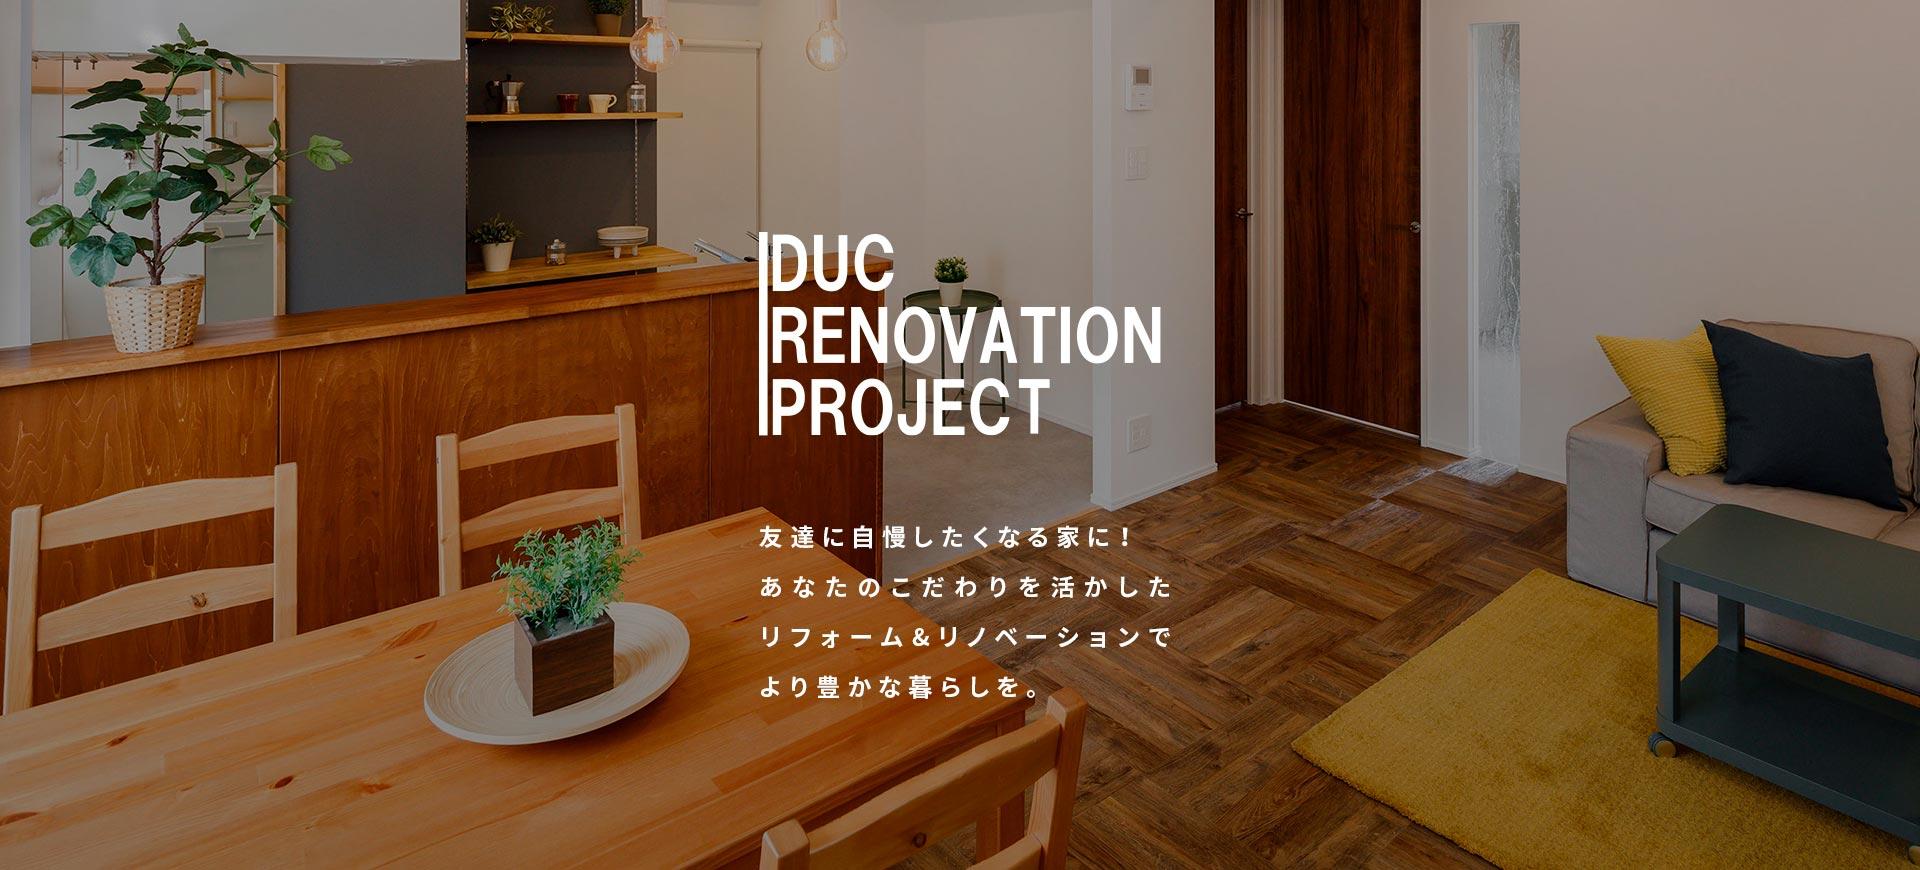 ディックリノベーションプロジェクト 友達に自慢したくなる家に!あなたのこだわりを活かしたリフォーム&リノベーションでより豊かな暮らしを